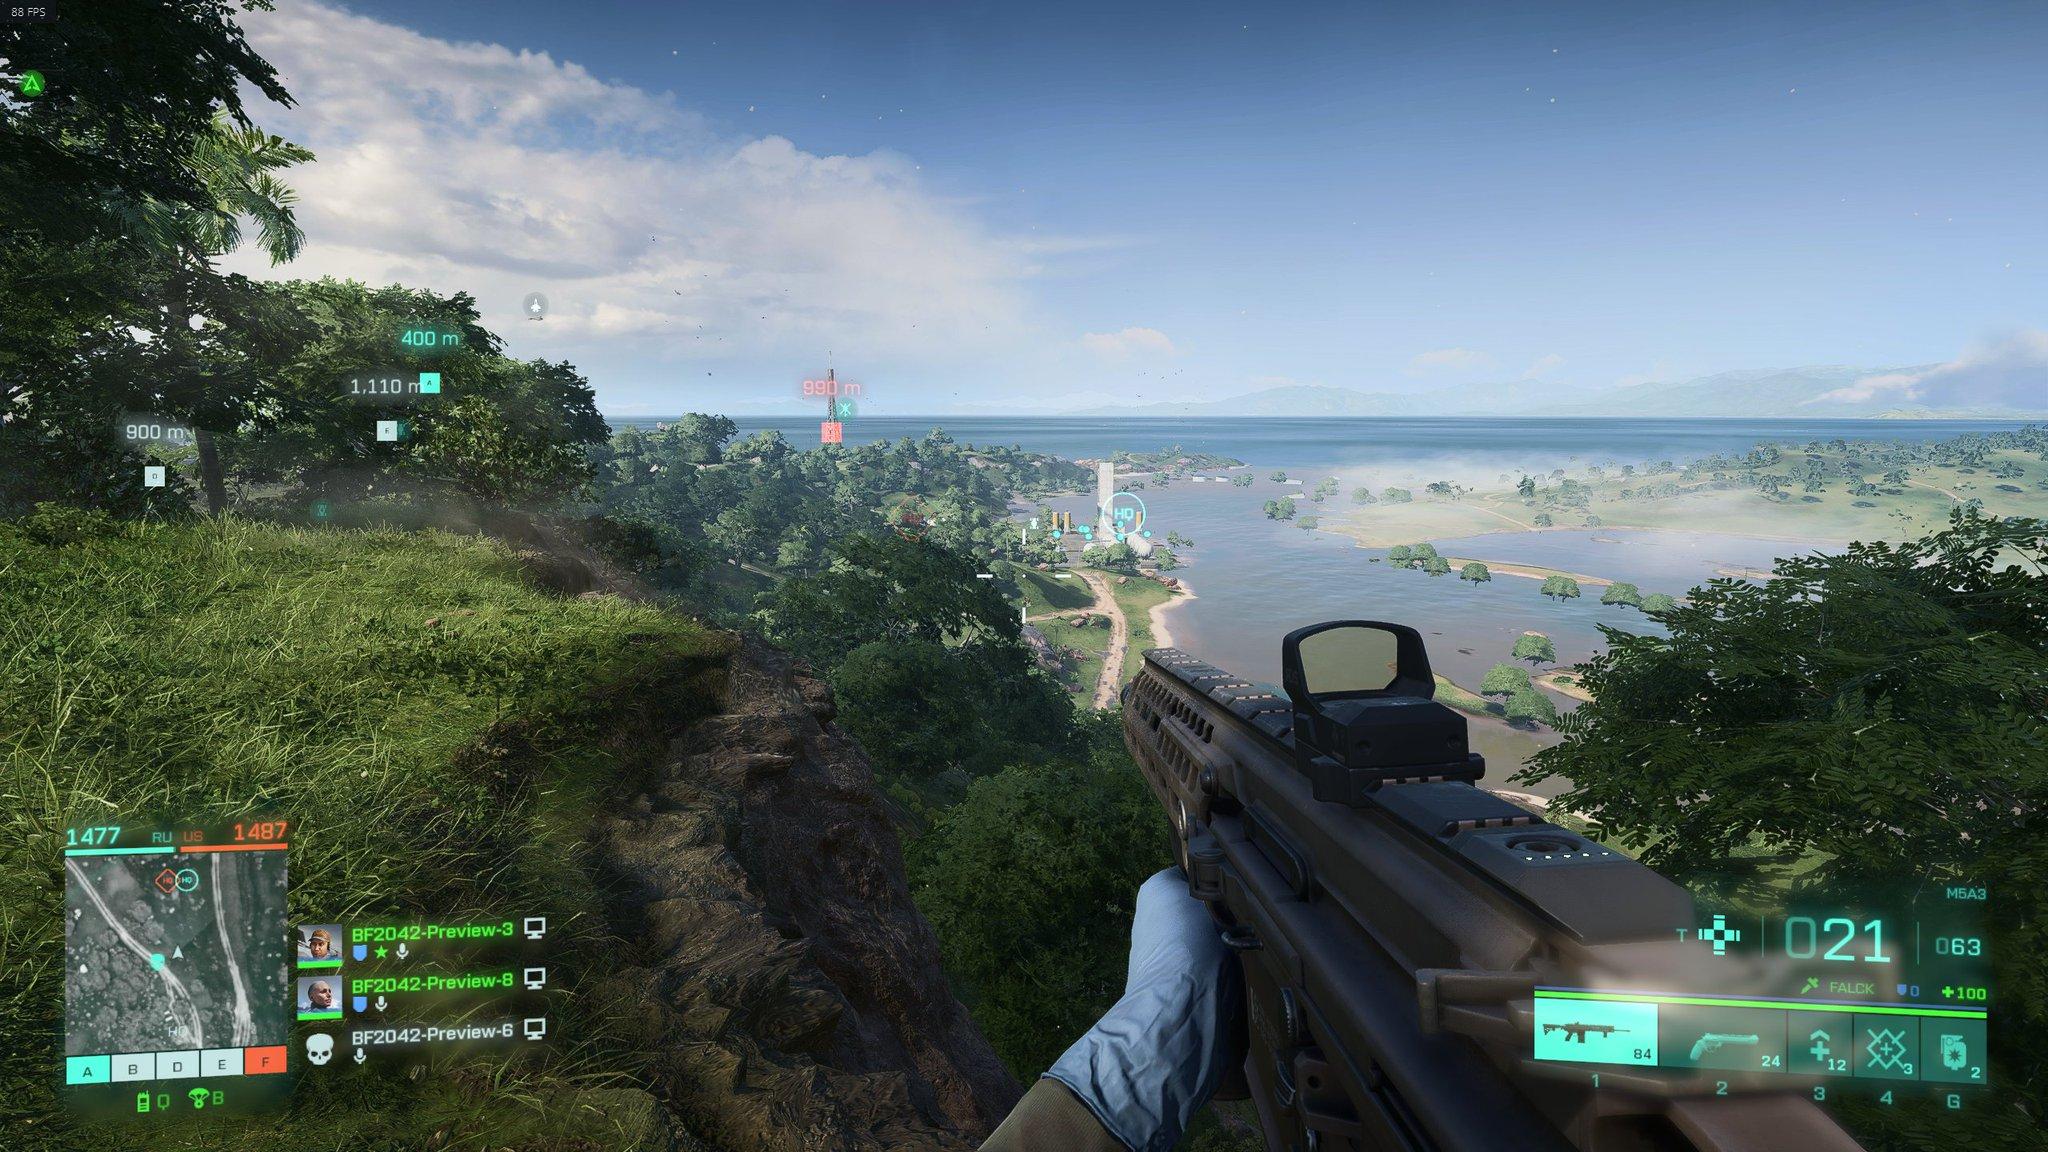 Battlefield beta preview gamersrd2